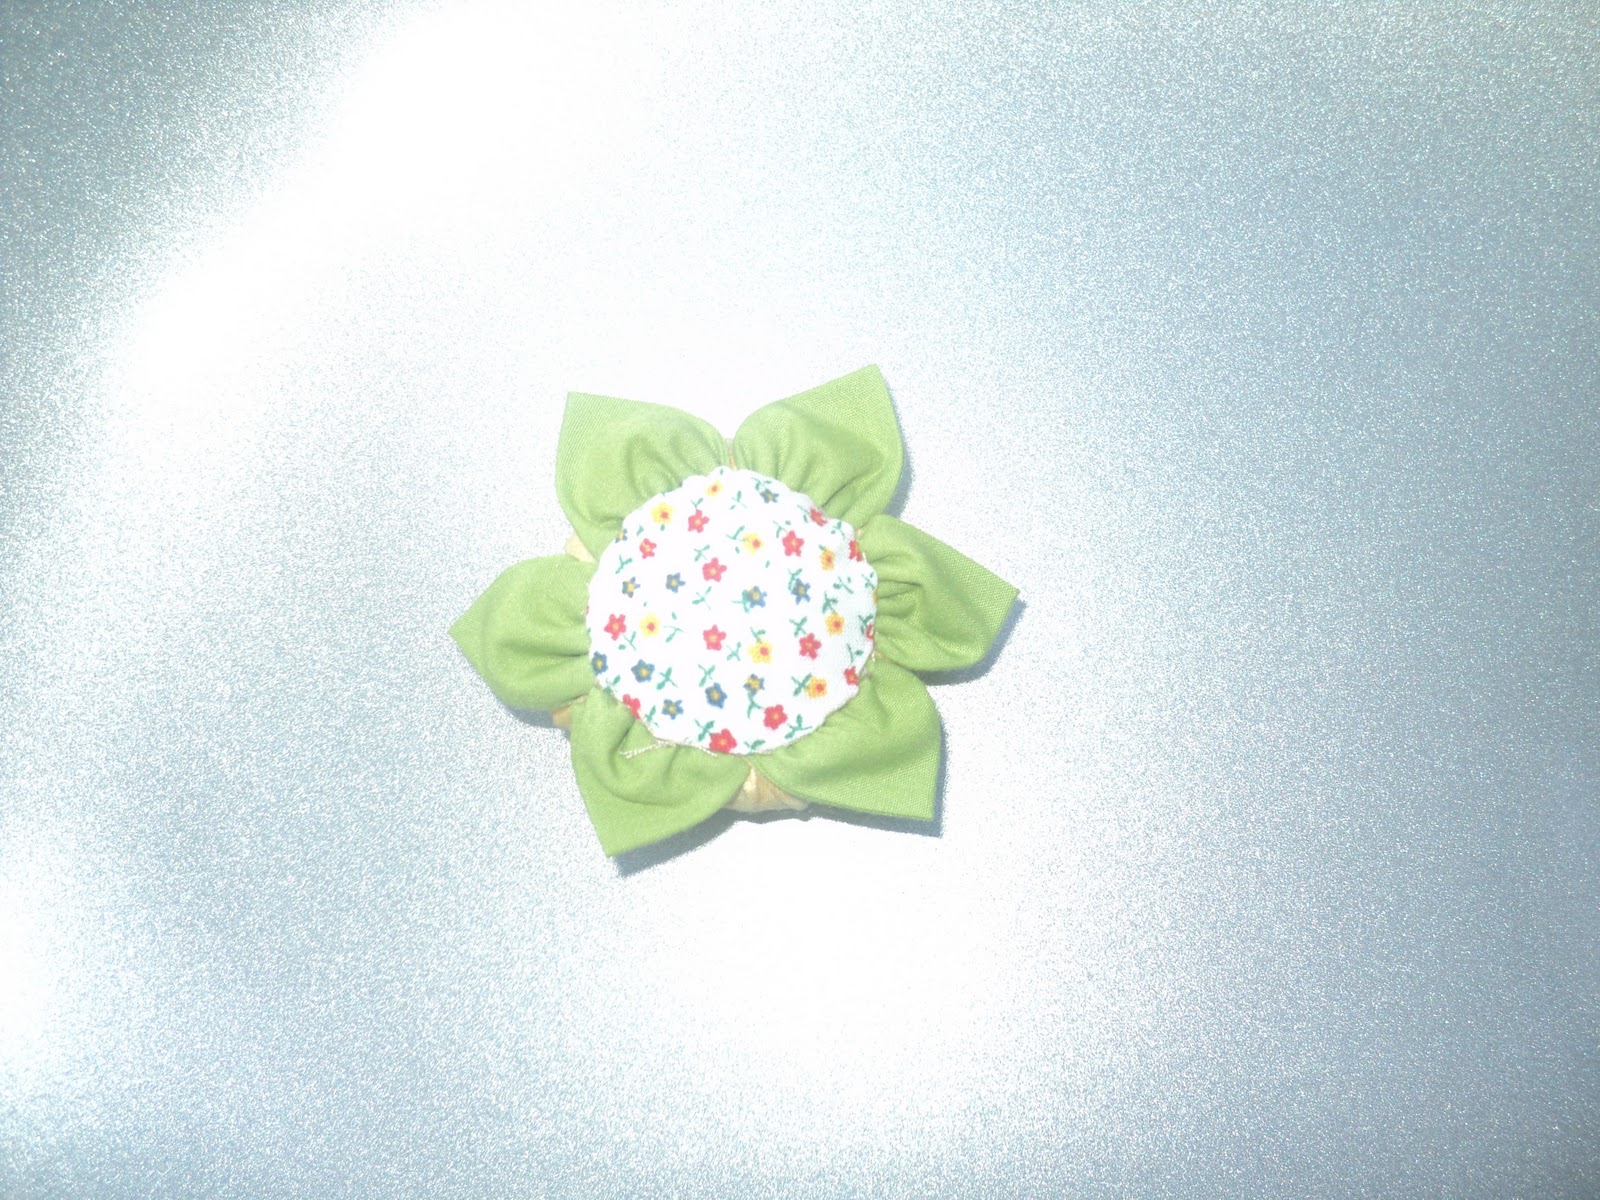 Más Patrones De Flores Y Hojas Para Fieltro: Ariana´s Crafty: ¡ MANUALIDADES EN FIELTRO FOAMI Y MÁS